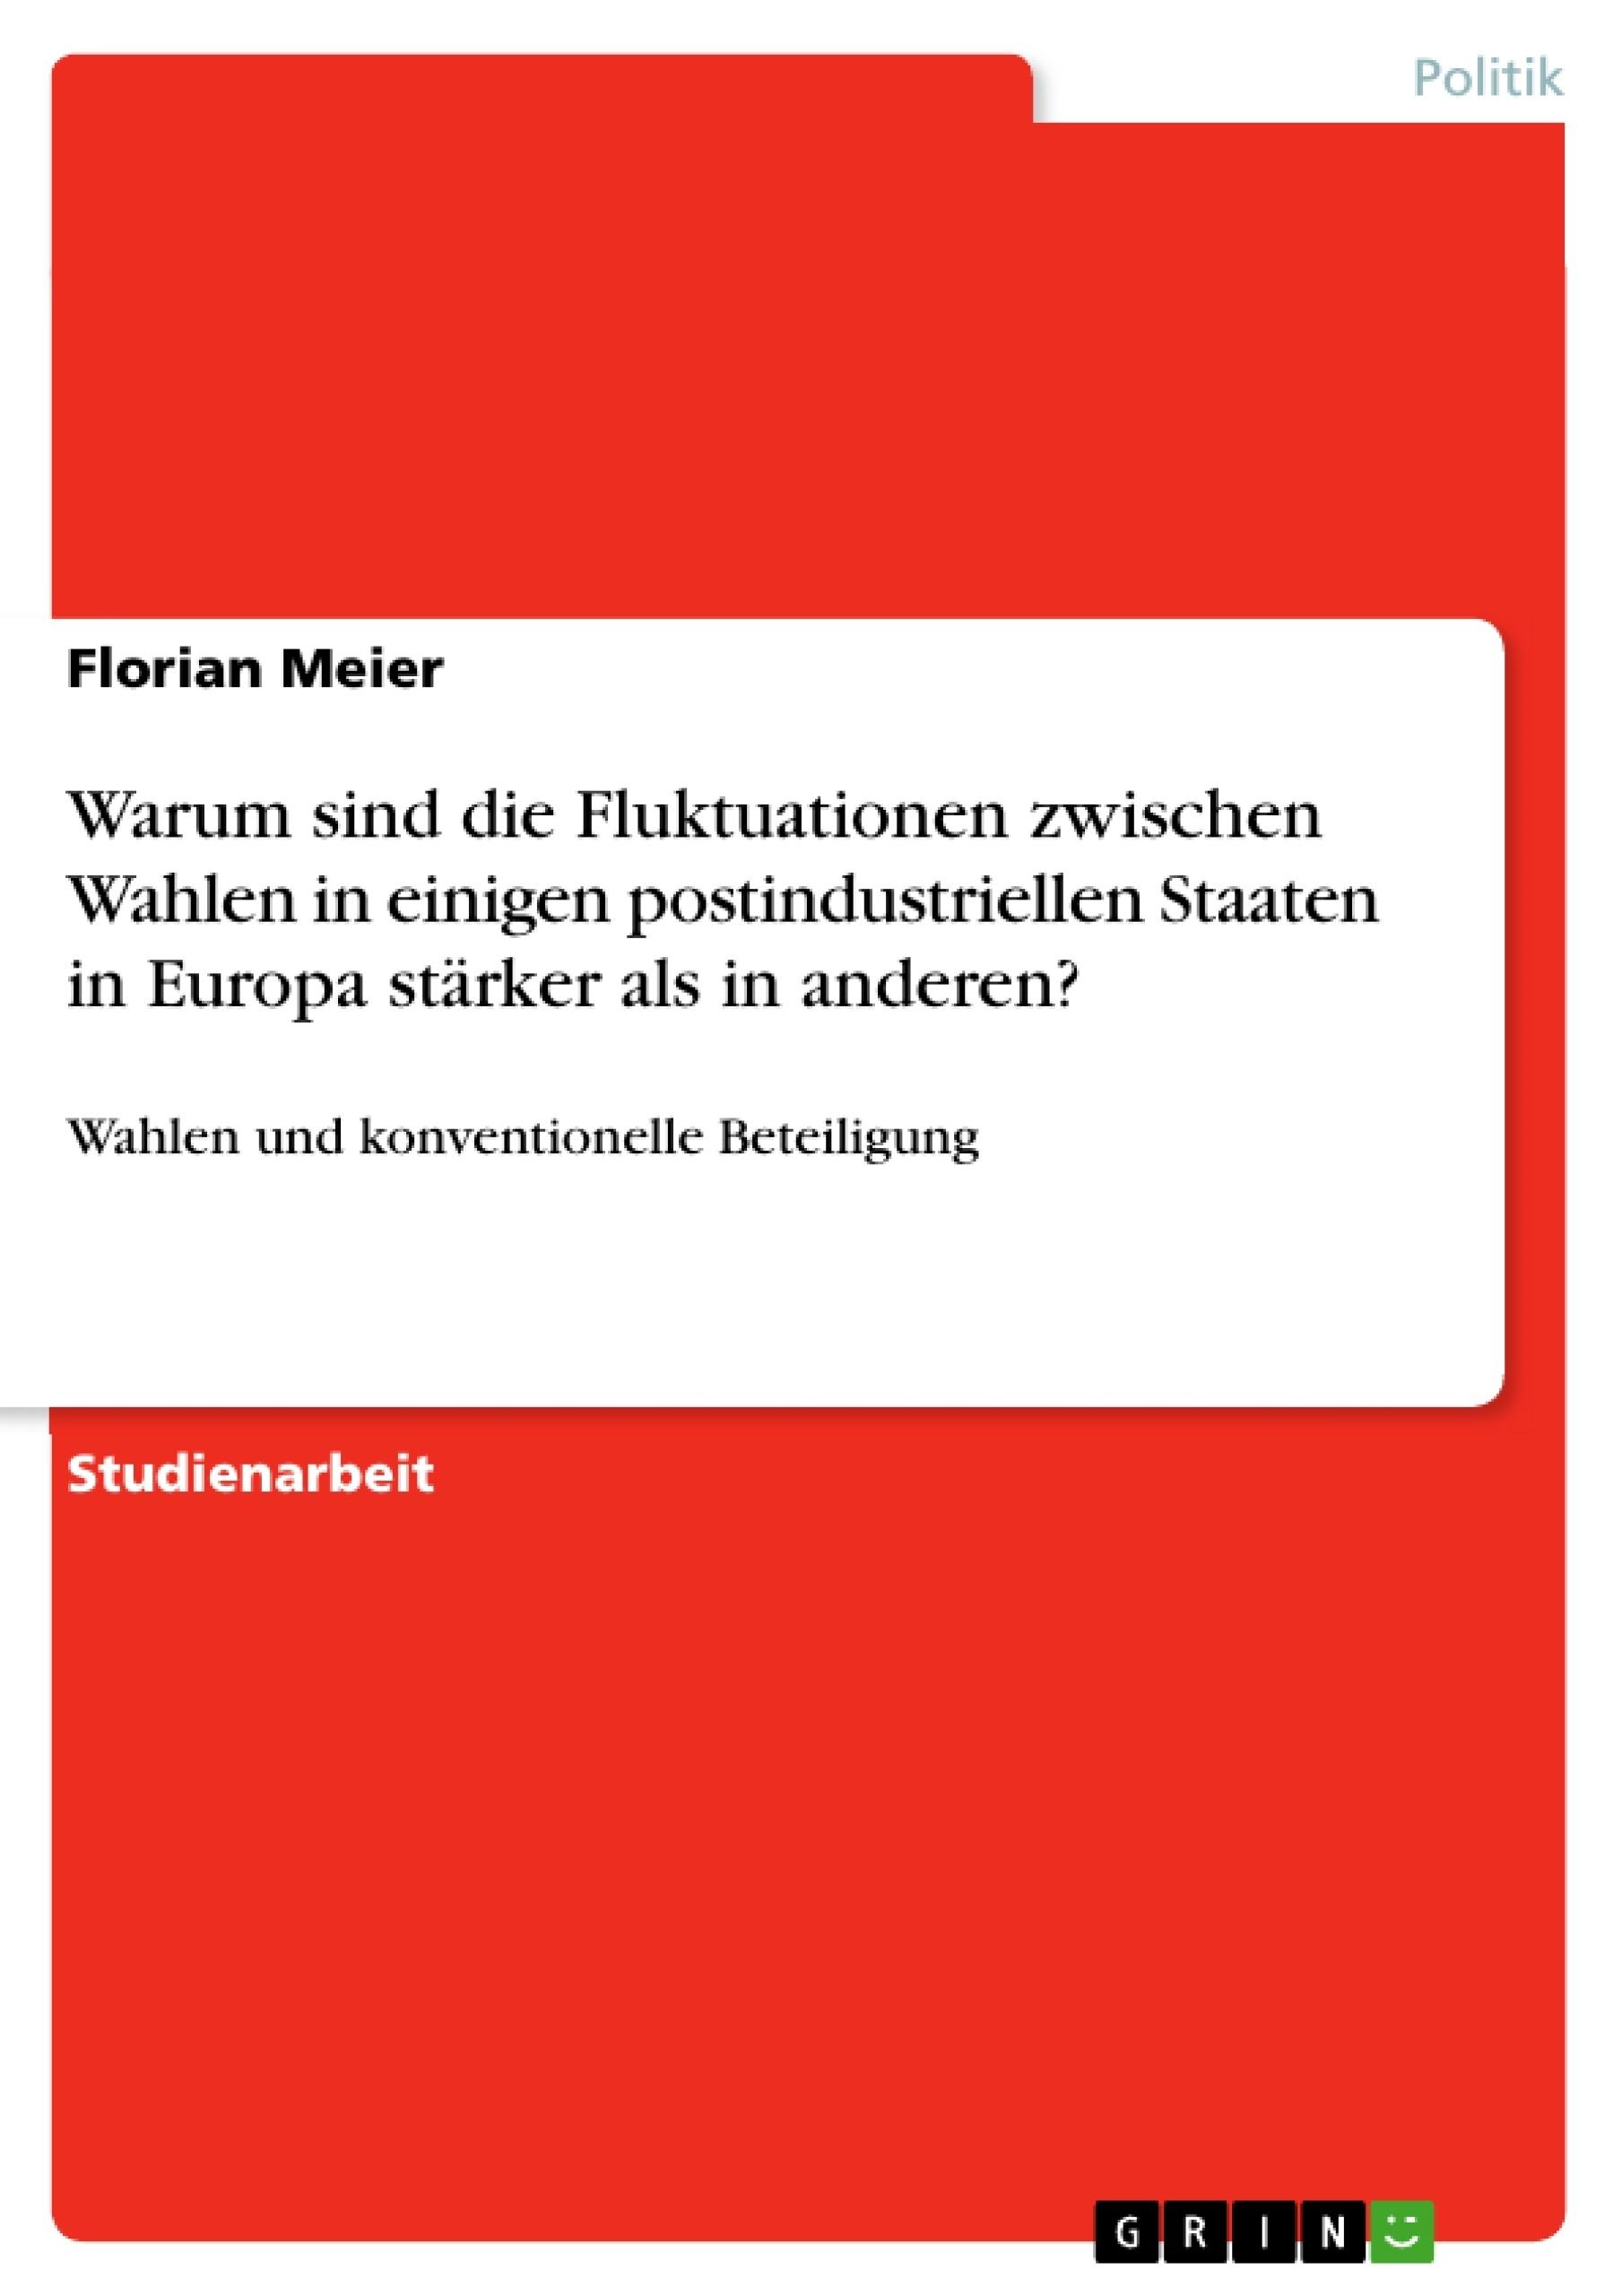 Titel: Warum sind die Fluktuationen zwischen Wahlen  in einigen postindustriellen Staaten in Europa stärker als in anderen?